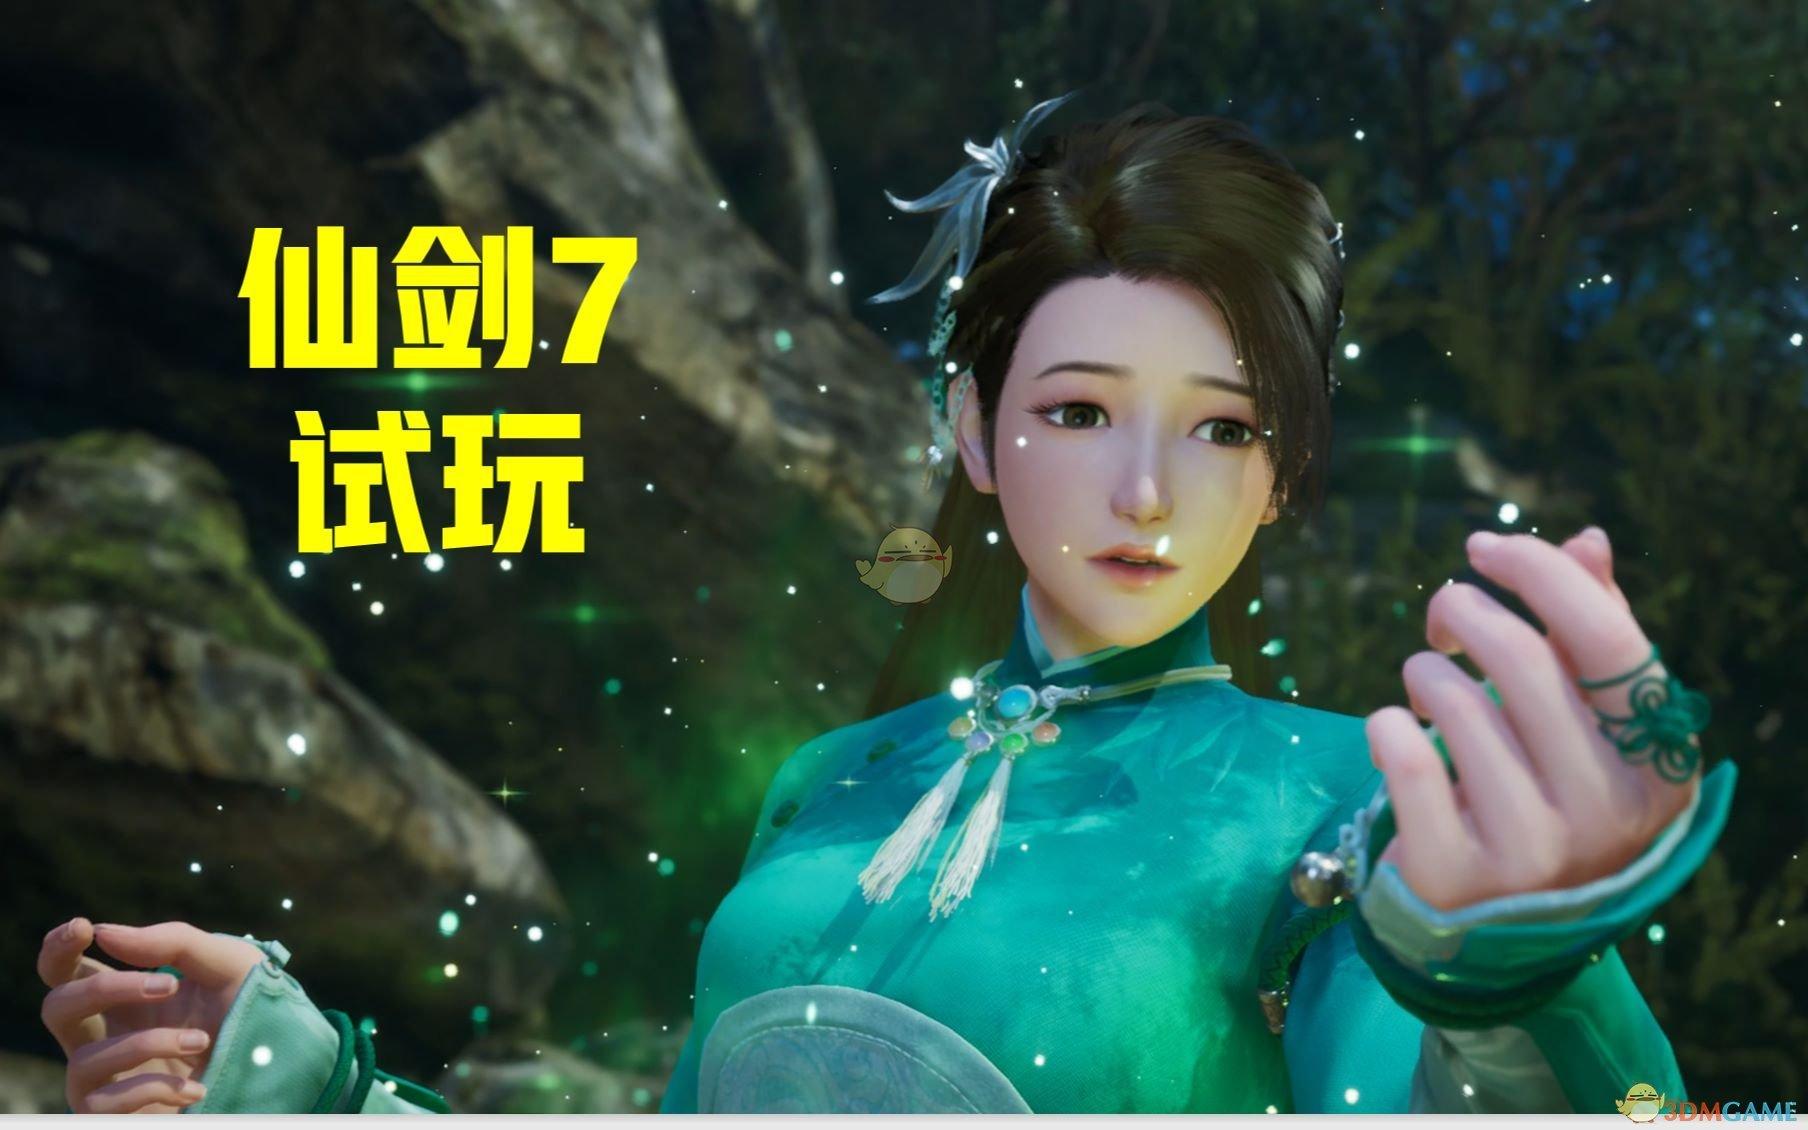 仙剑奇侠传7试玩版实况流程视频